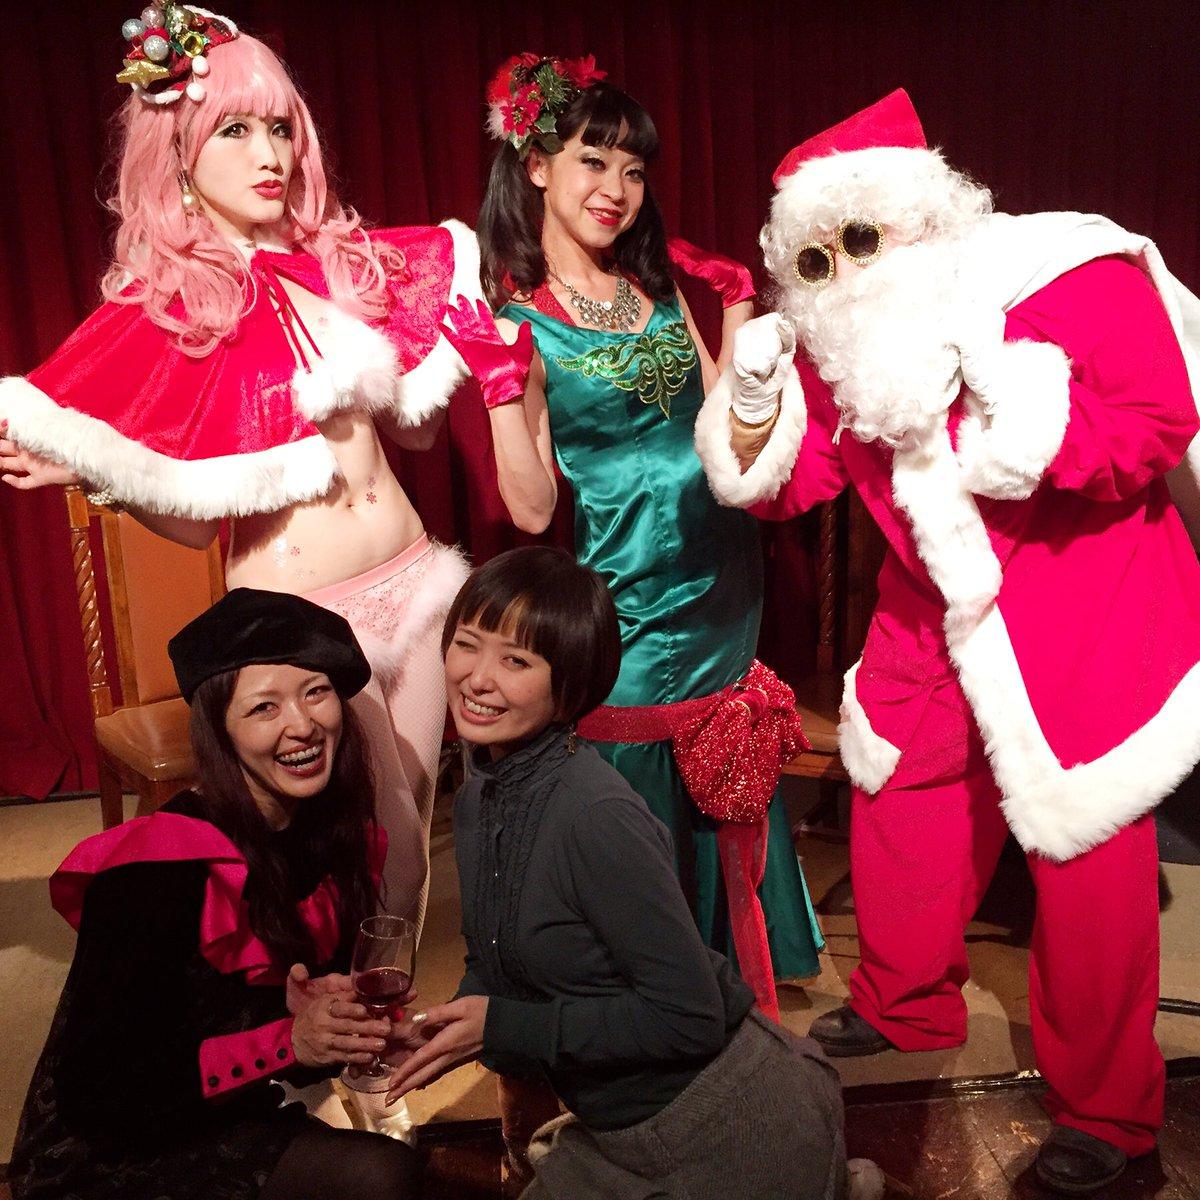 今月の紫ベビードール☆レギュラー3人はクリスマス仕様だよ!残念ながらジルベールさんはお休みで、MCは「サンタ・ド・モッコ